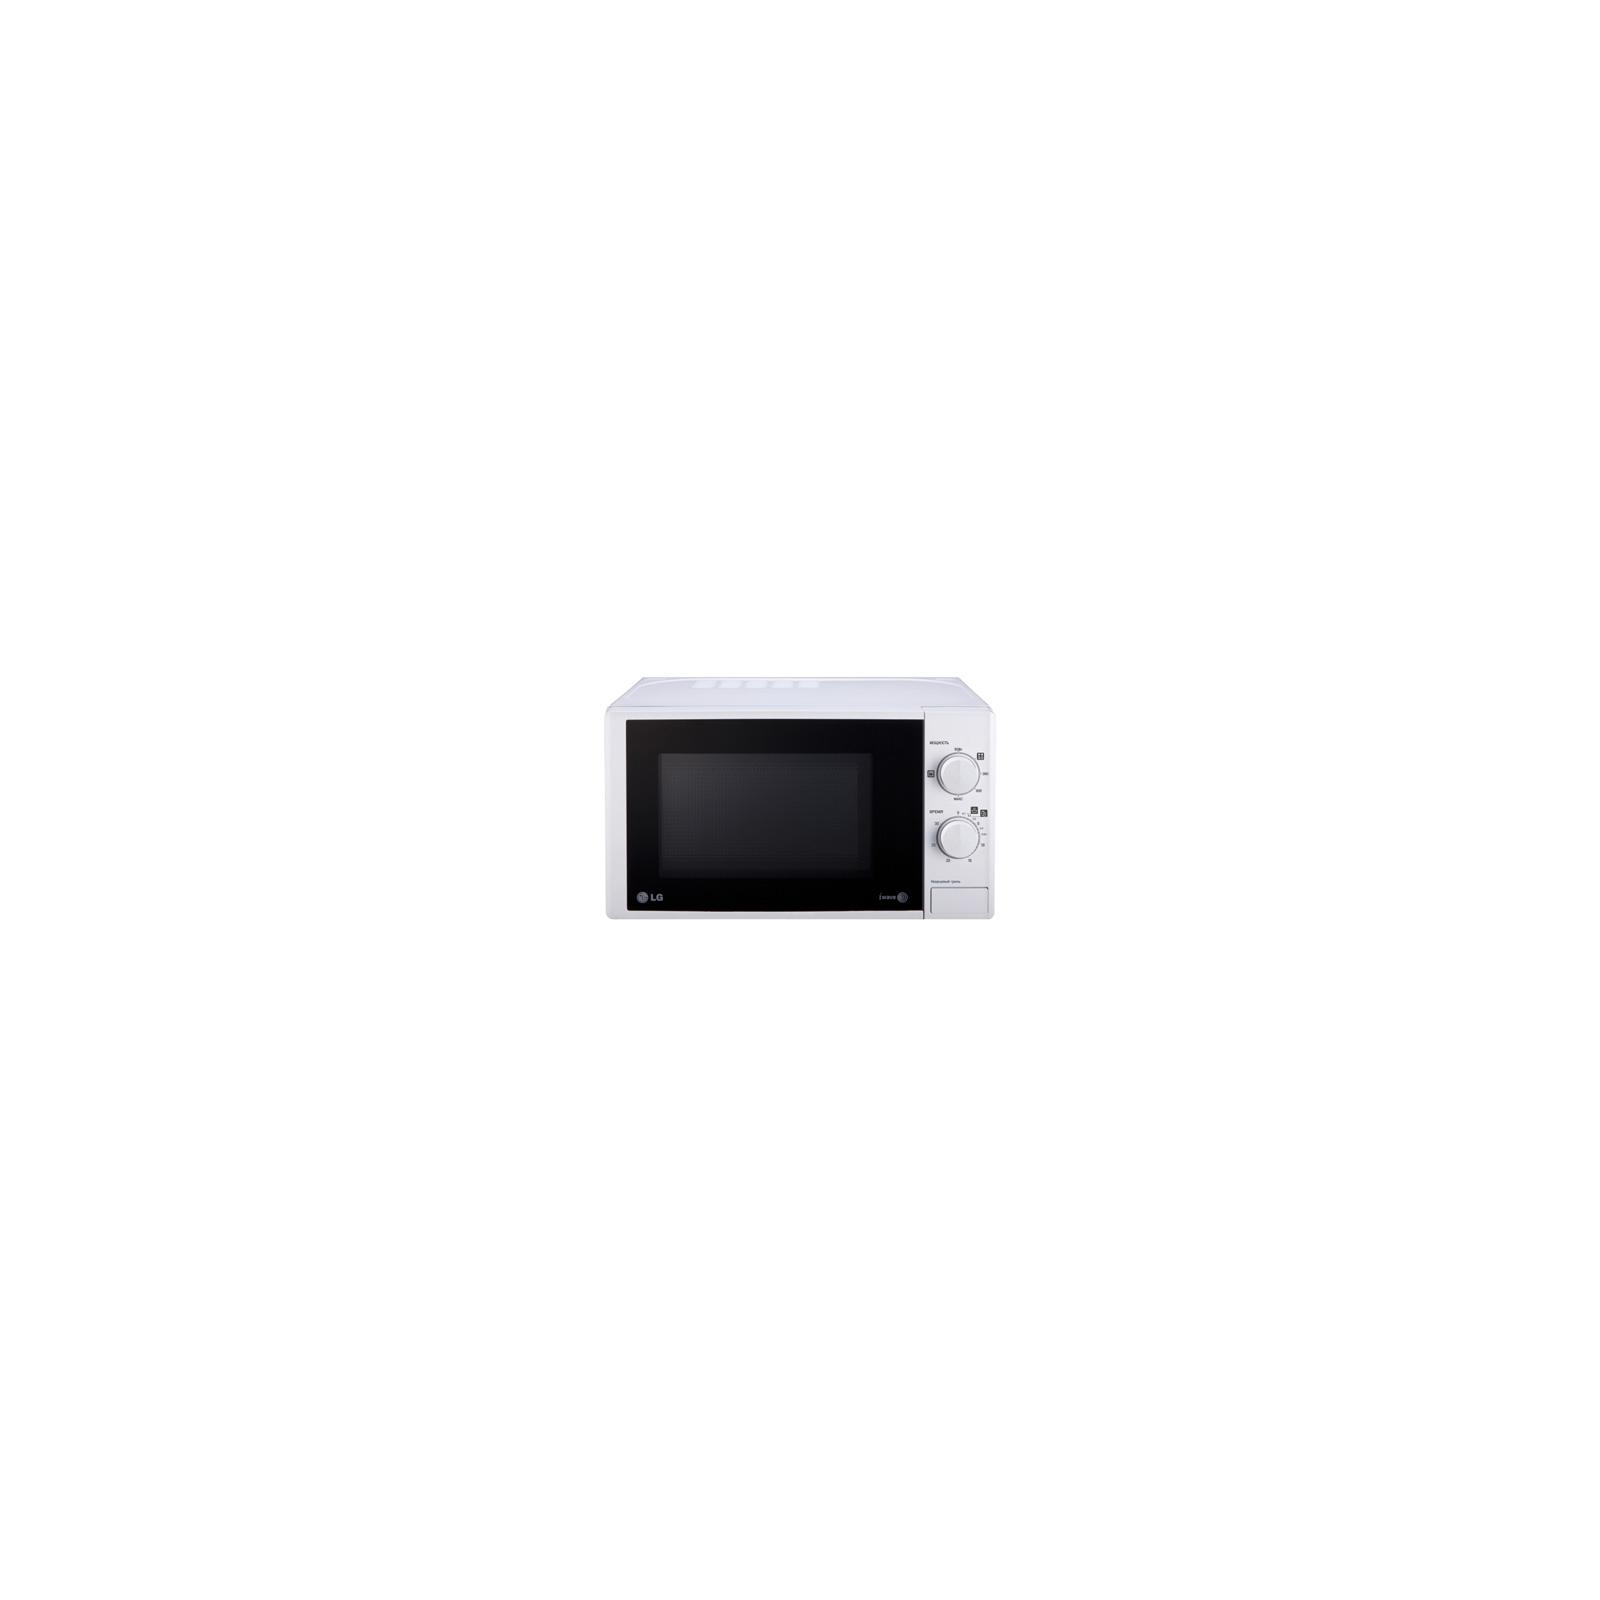 Микроволновая печь LG MH-6022D (MH6022D)